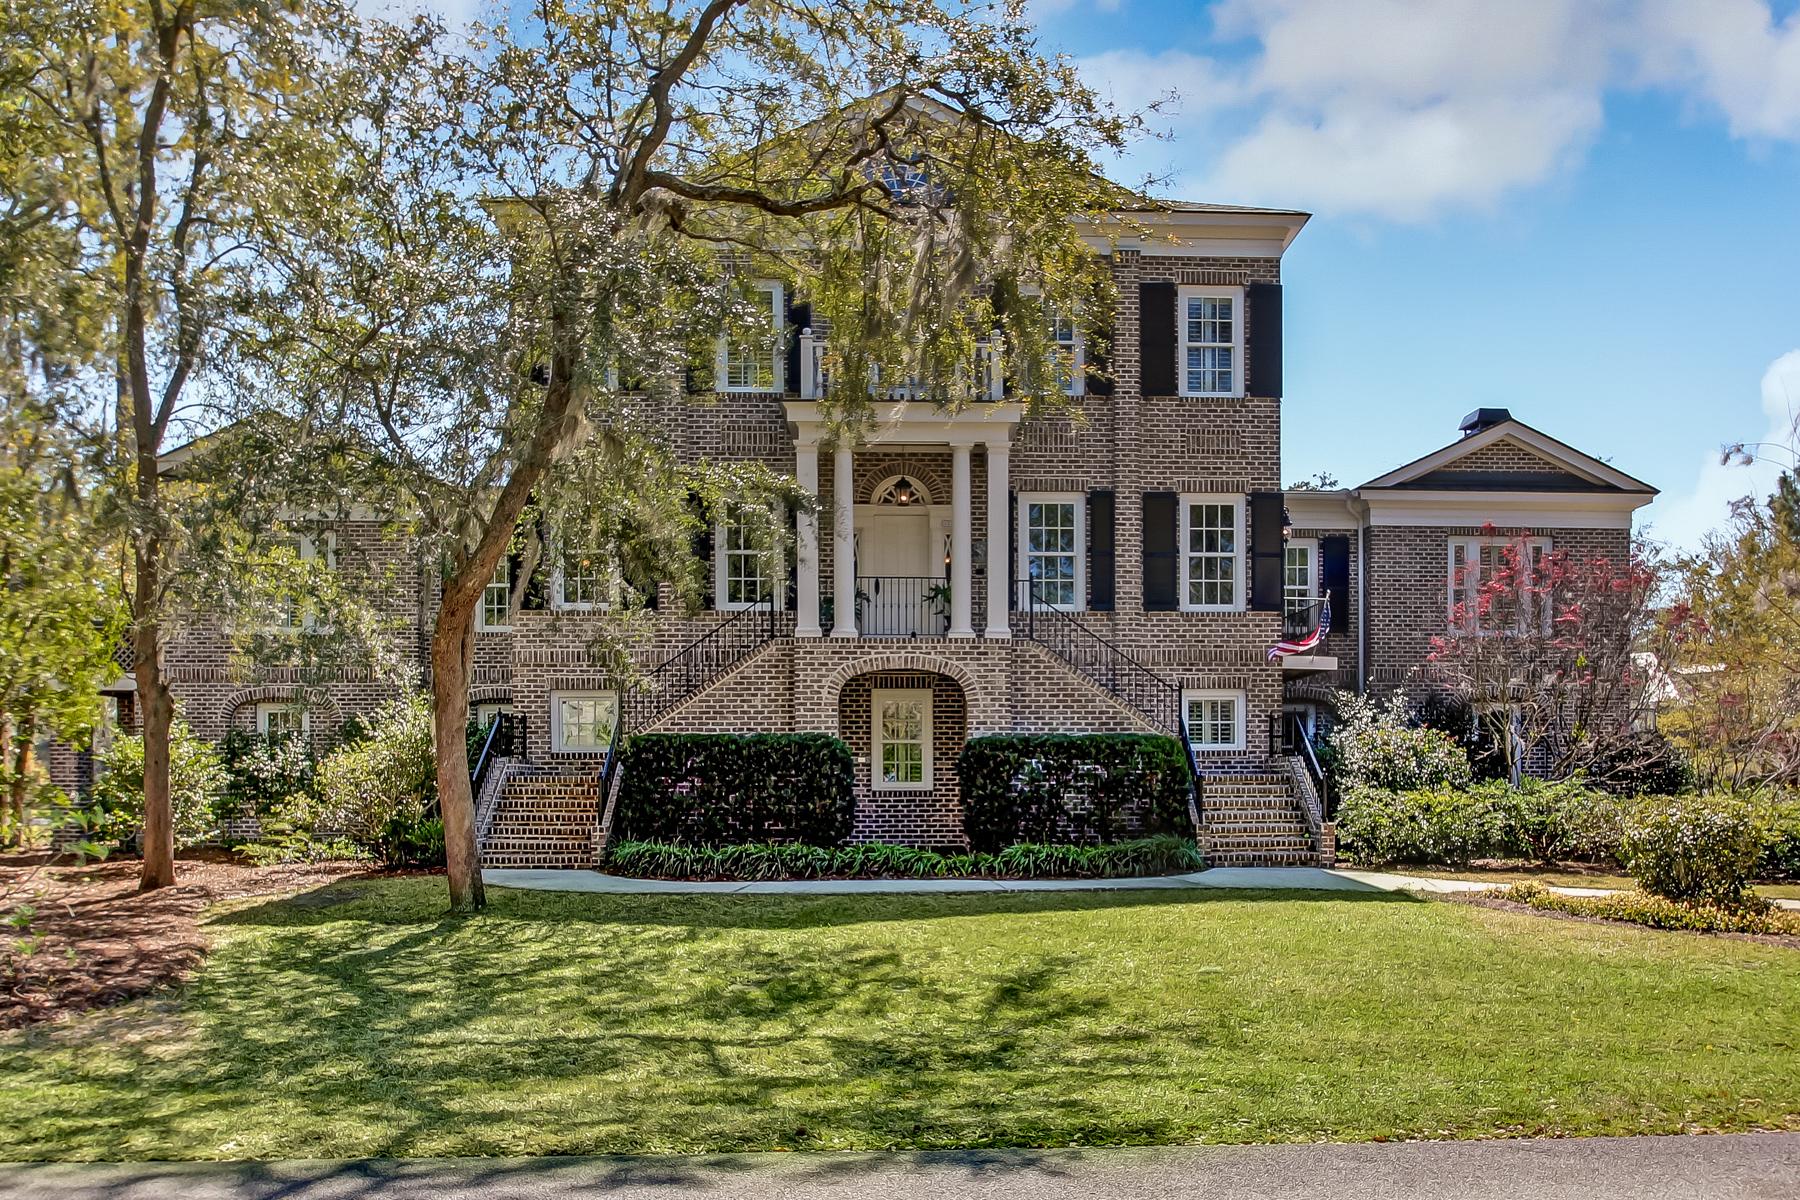 Частный односемейный дом для того Продажа на 132 Marsh Harbor Drive S Savannah, Джорджия 31410 Соединенные Штаты